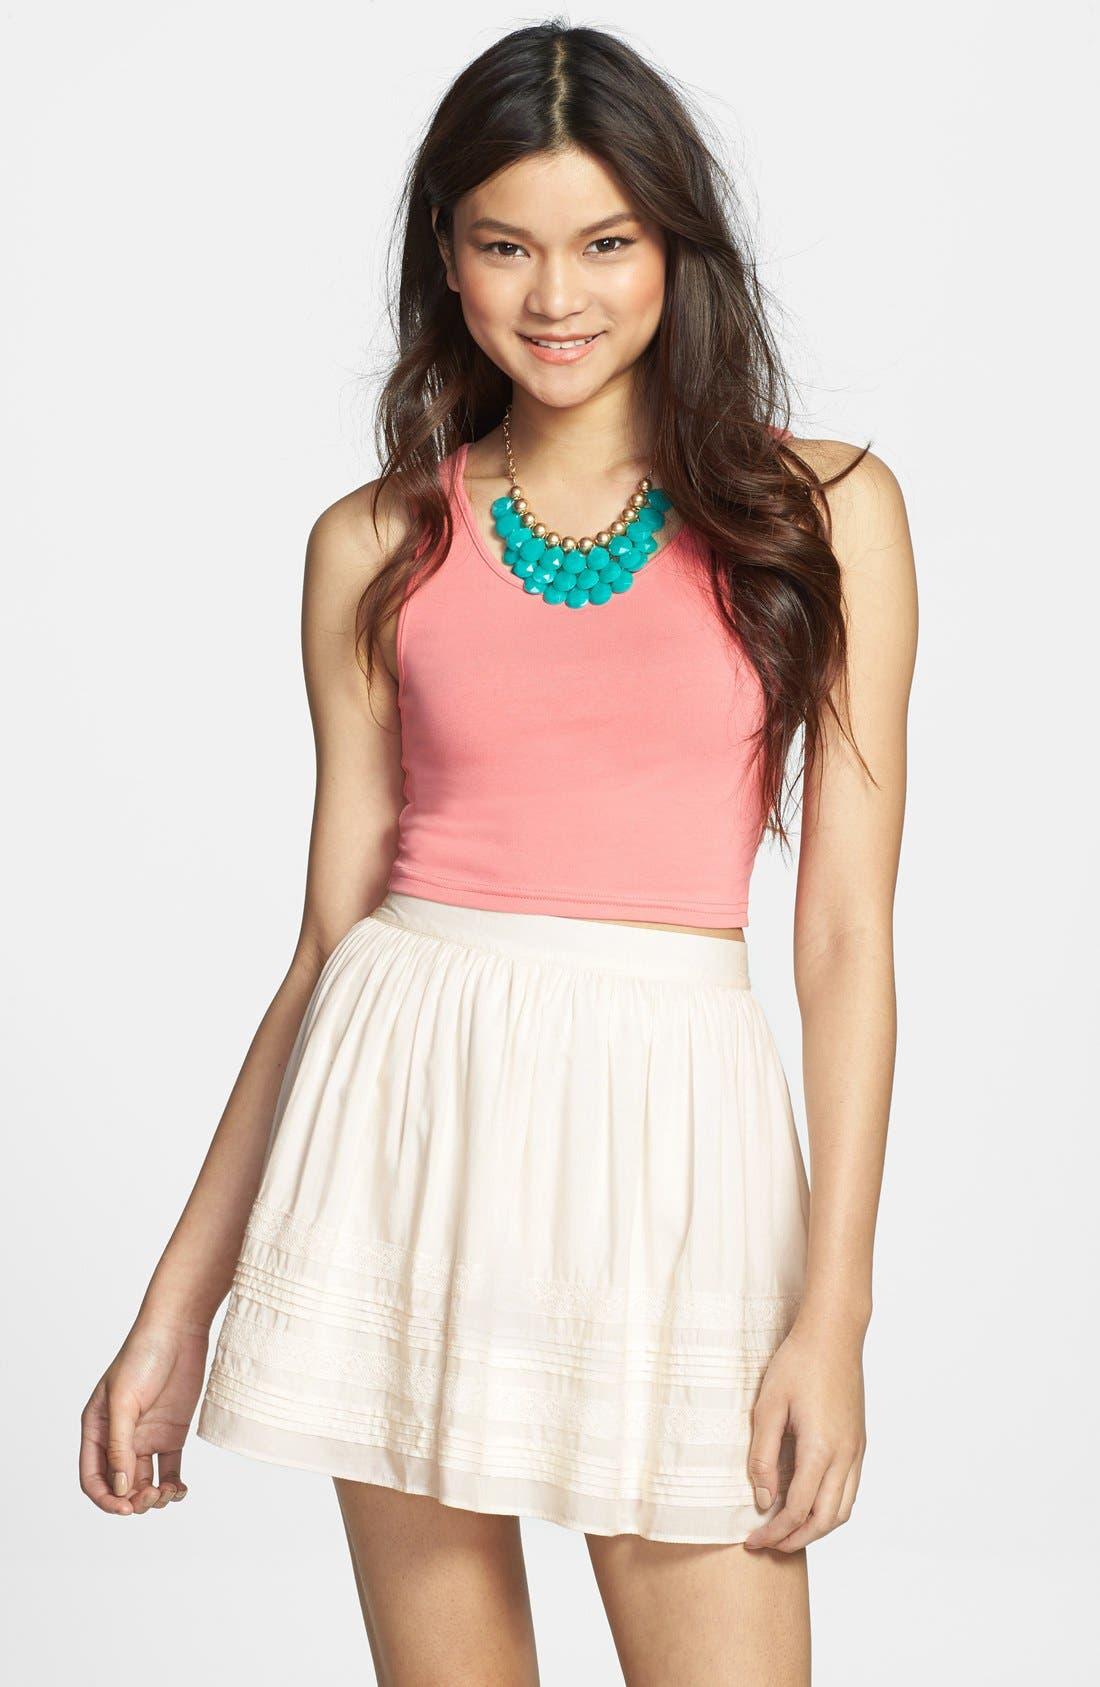 Alternate Image 1 Selected - Rubbish® Pleat Lace Trim Full Skirt (Juniors)